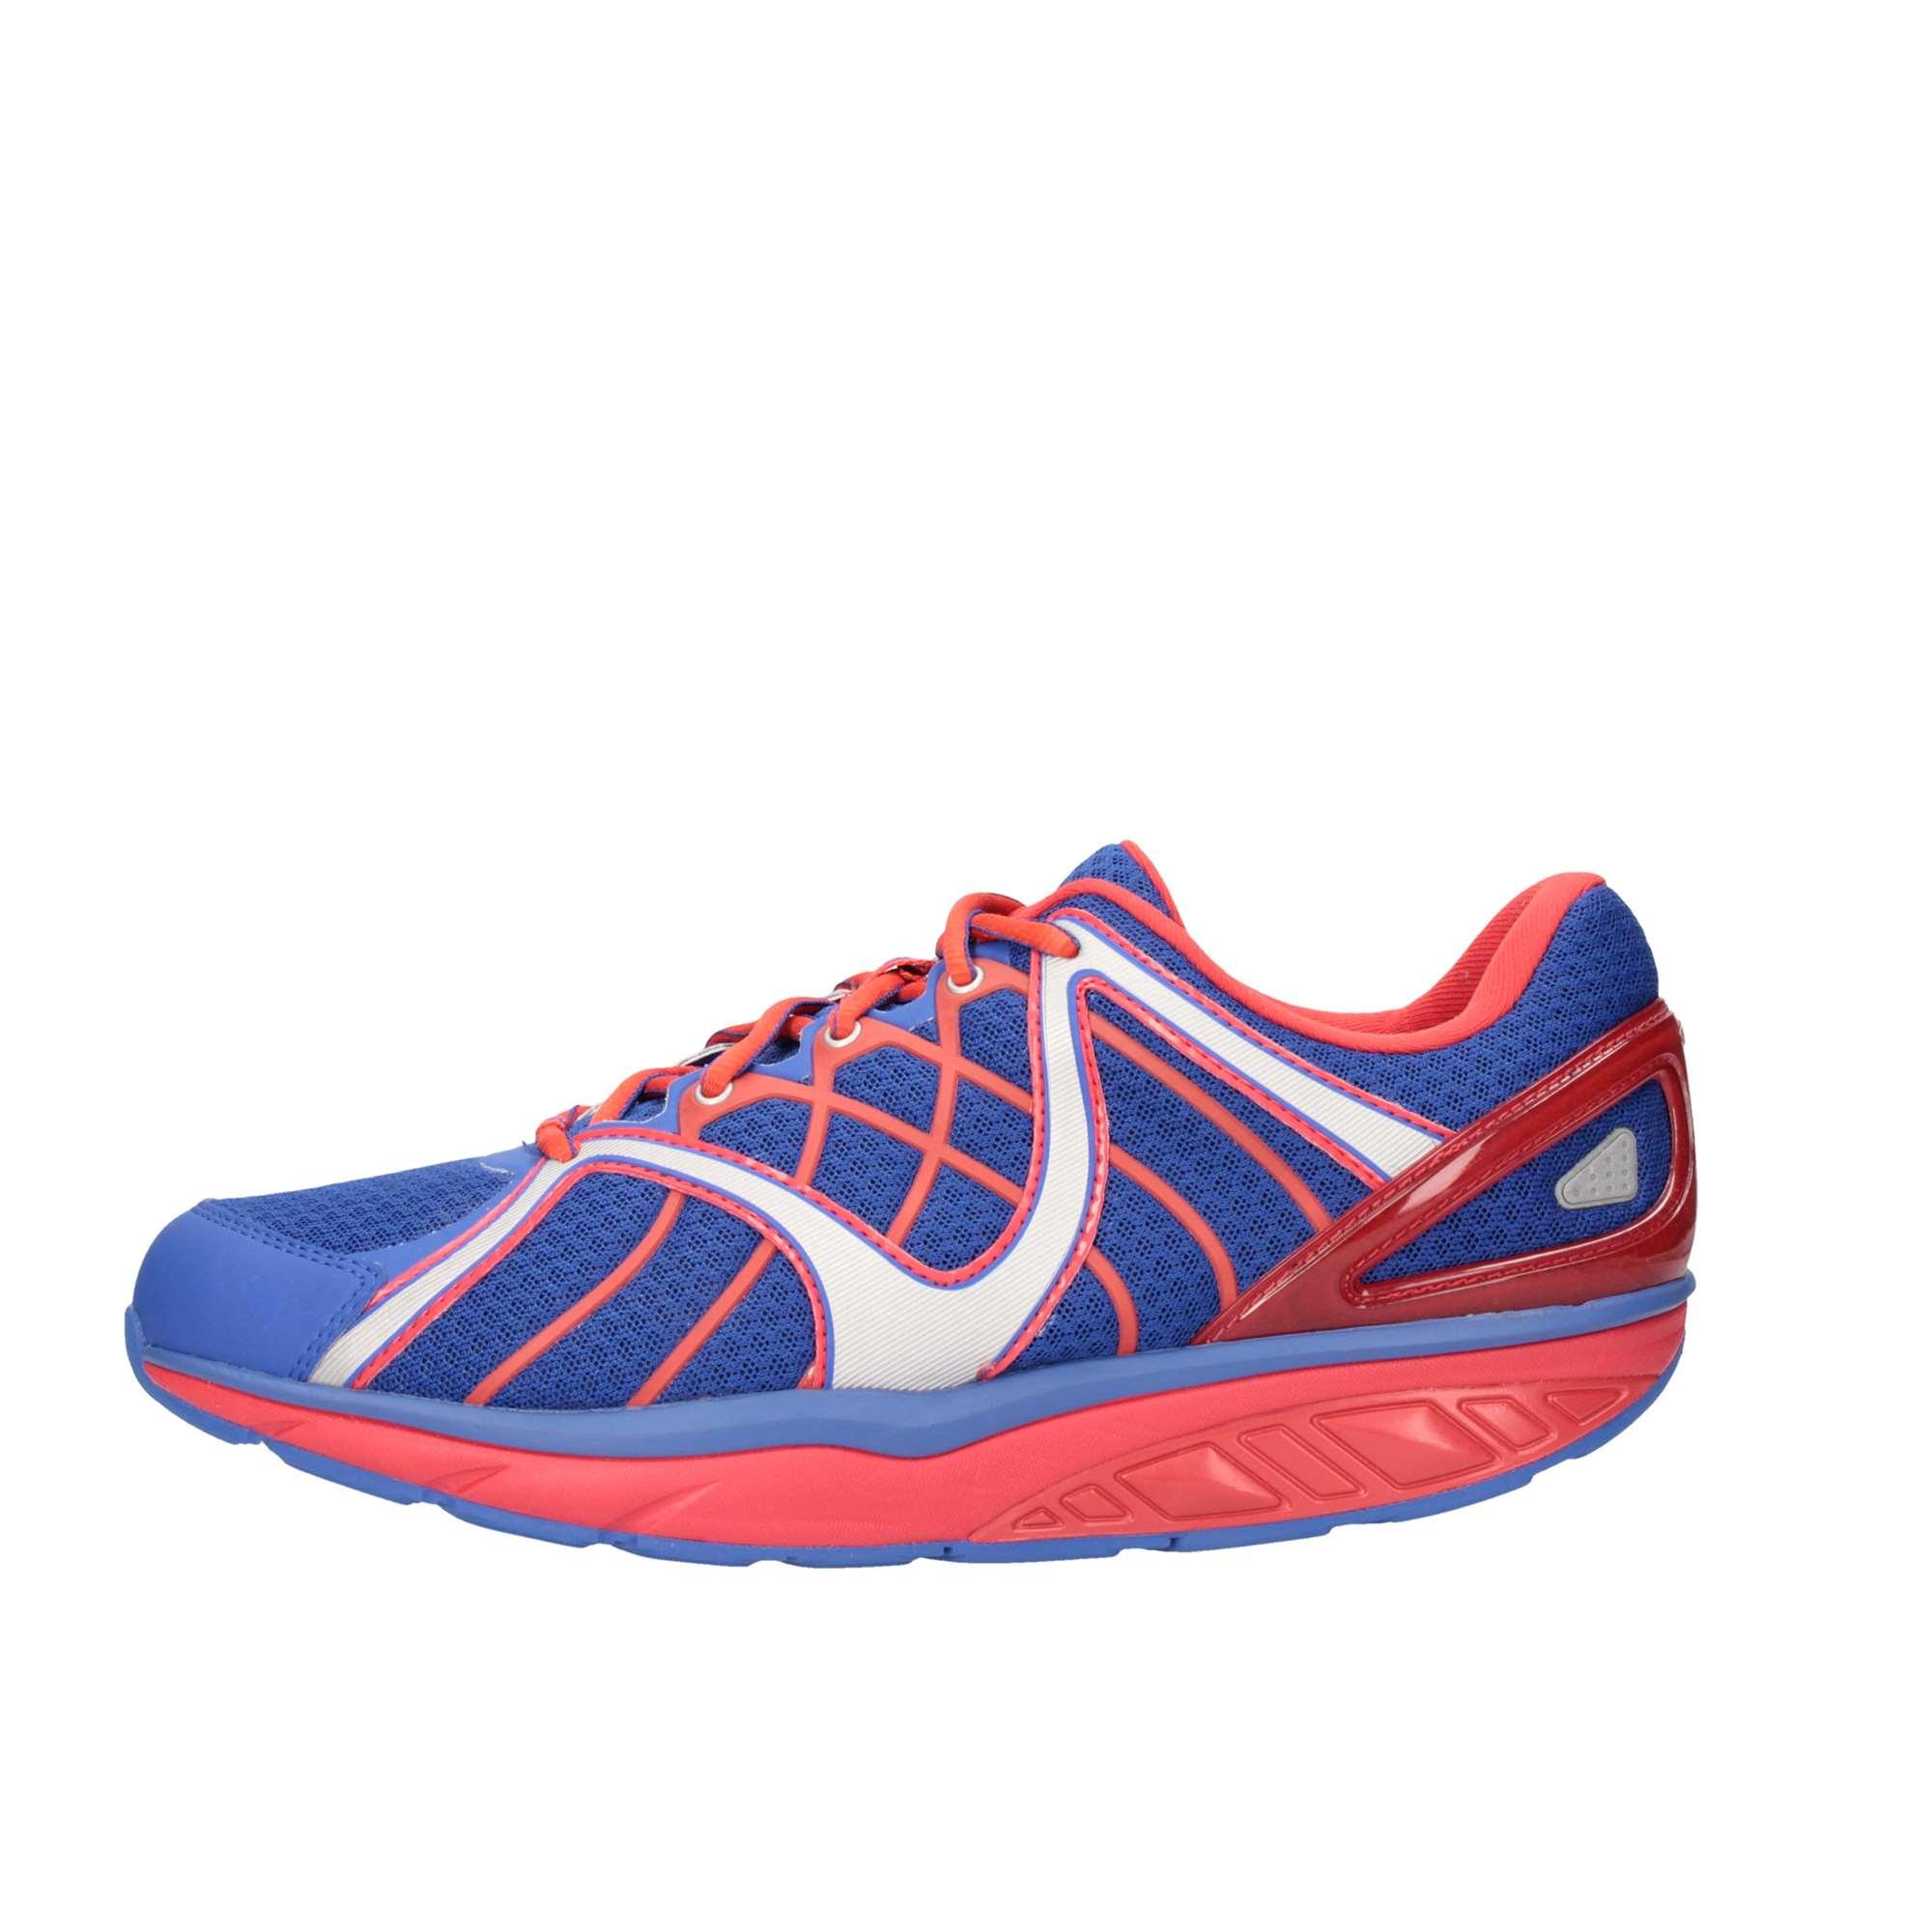 Homme Femme Sneakers JENBB Uomo Mbt JENBB Sneakers Autunno/Inverno Vente confortabilité Connu pour sa belle qualité 361914